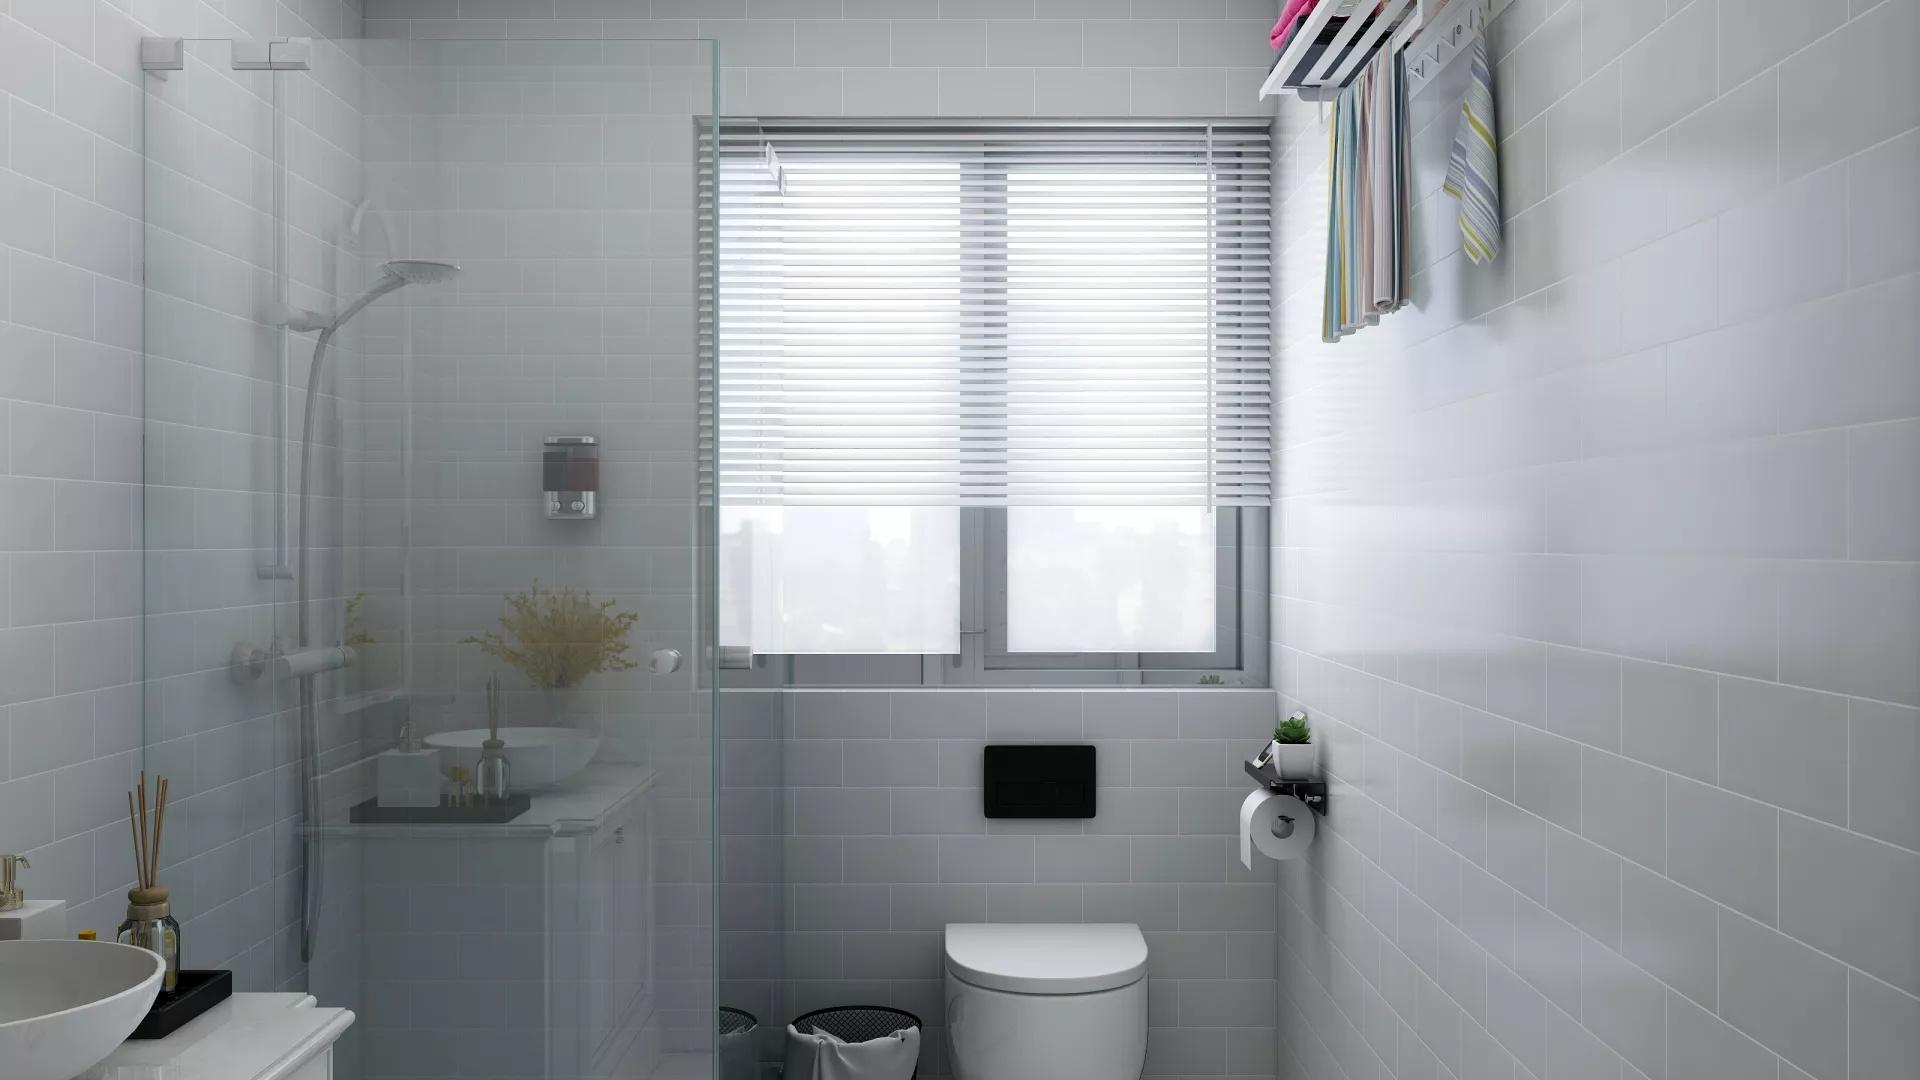 哪家的水龍頭質量好 家裝水龍頭衛浴哪家好